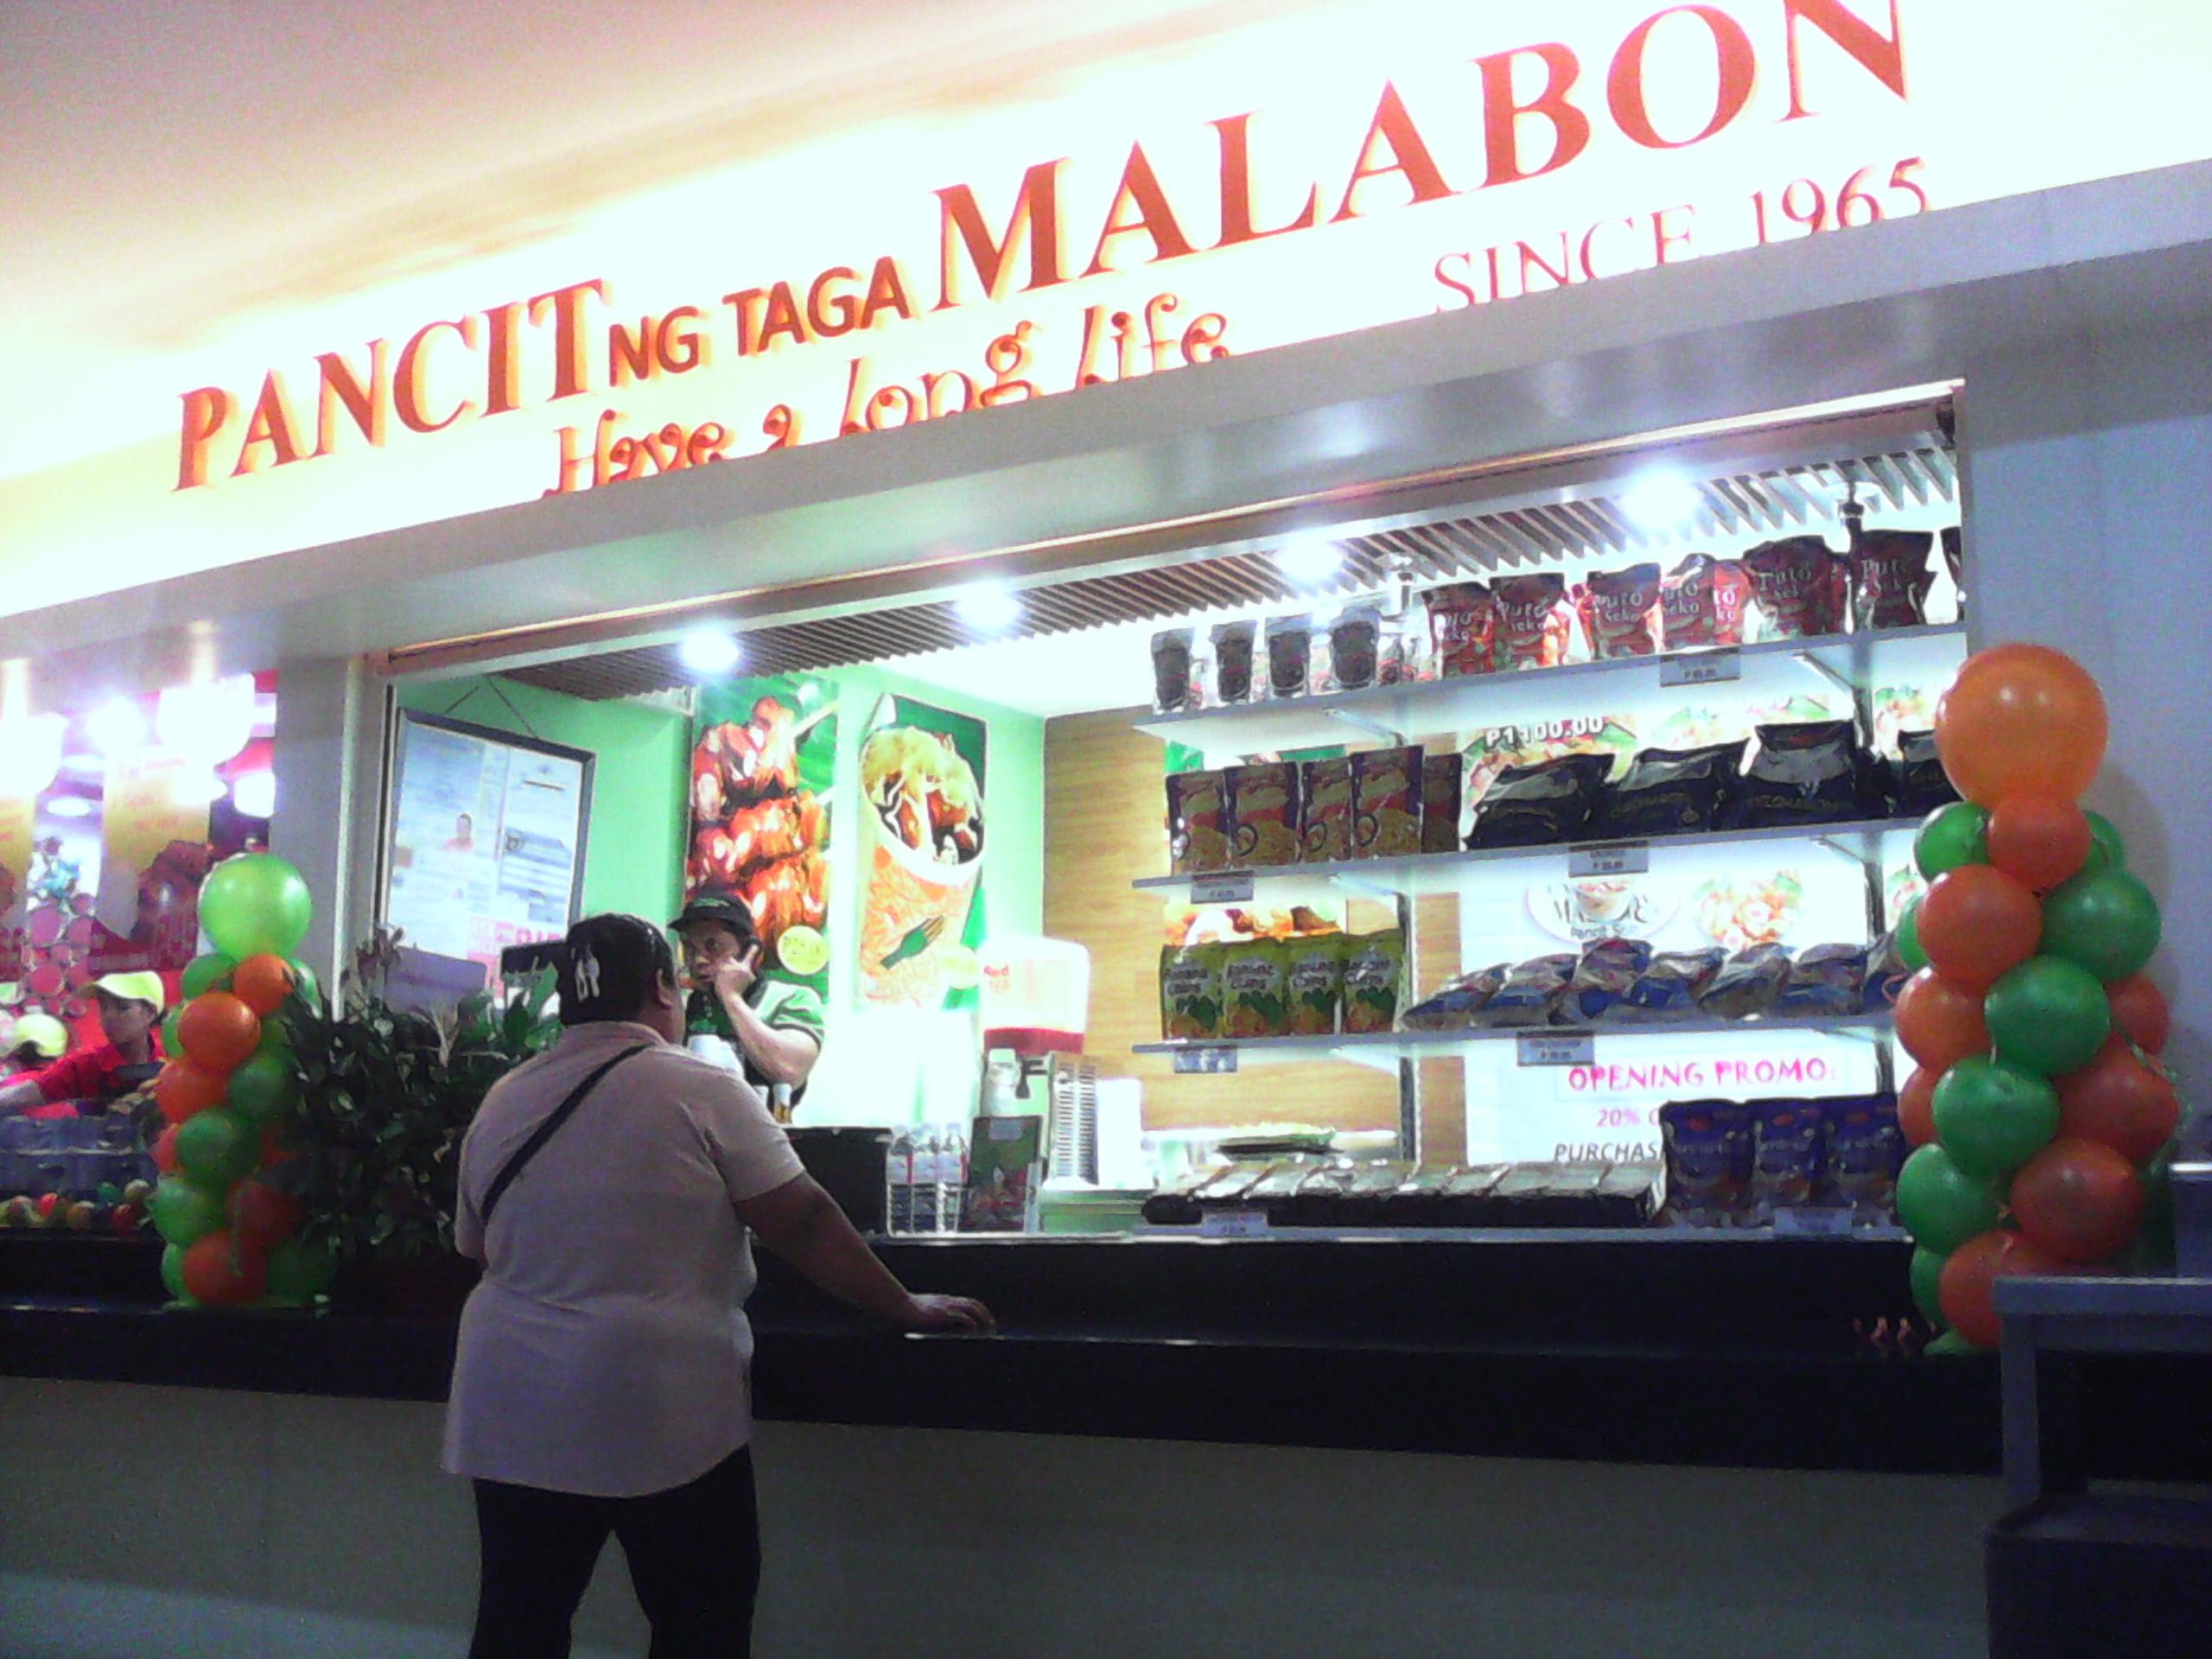 pancit ng taga malabon online ordering Kayo ba ay may advance order or gusto surpresahin ang inyong mahal sa buhay order na online tumatanggap na kami ng bayad gamit ang inyong debit at credit.